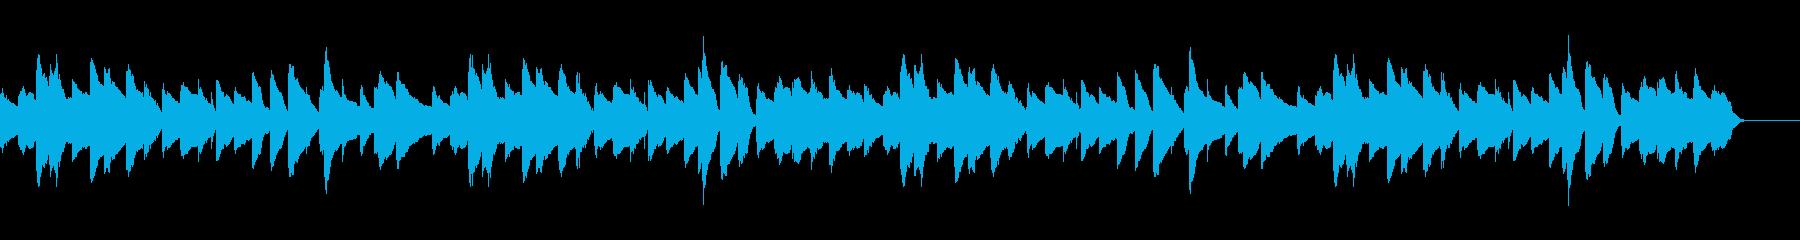 まったりほのぼのとした3拍子のピアノ曲の再生済みの波形